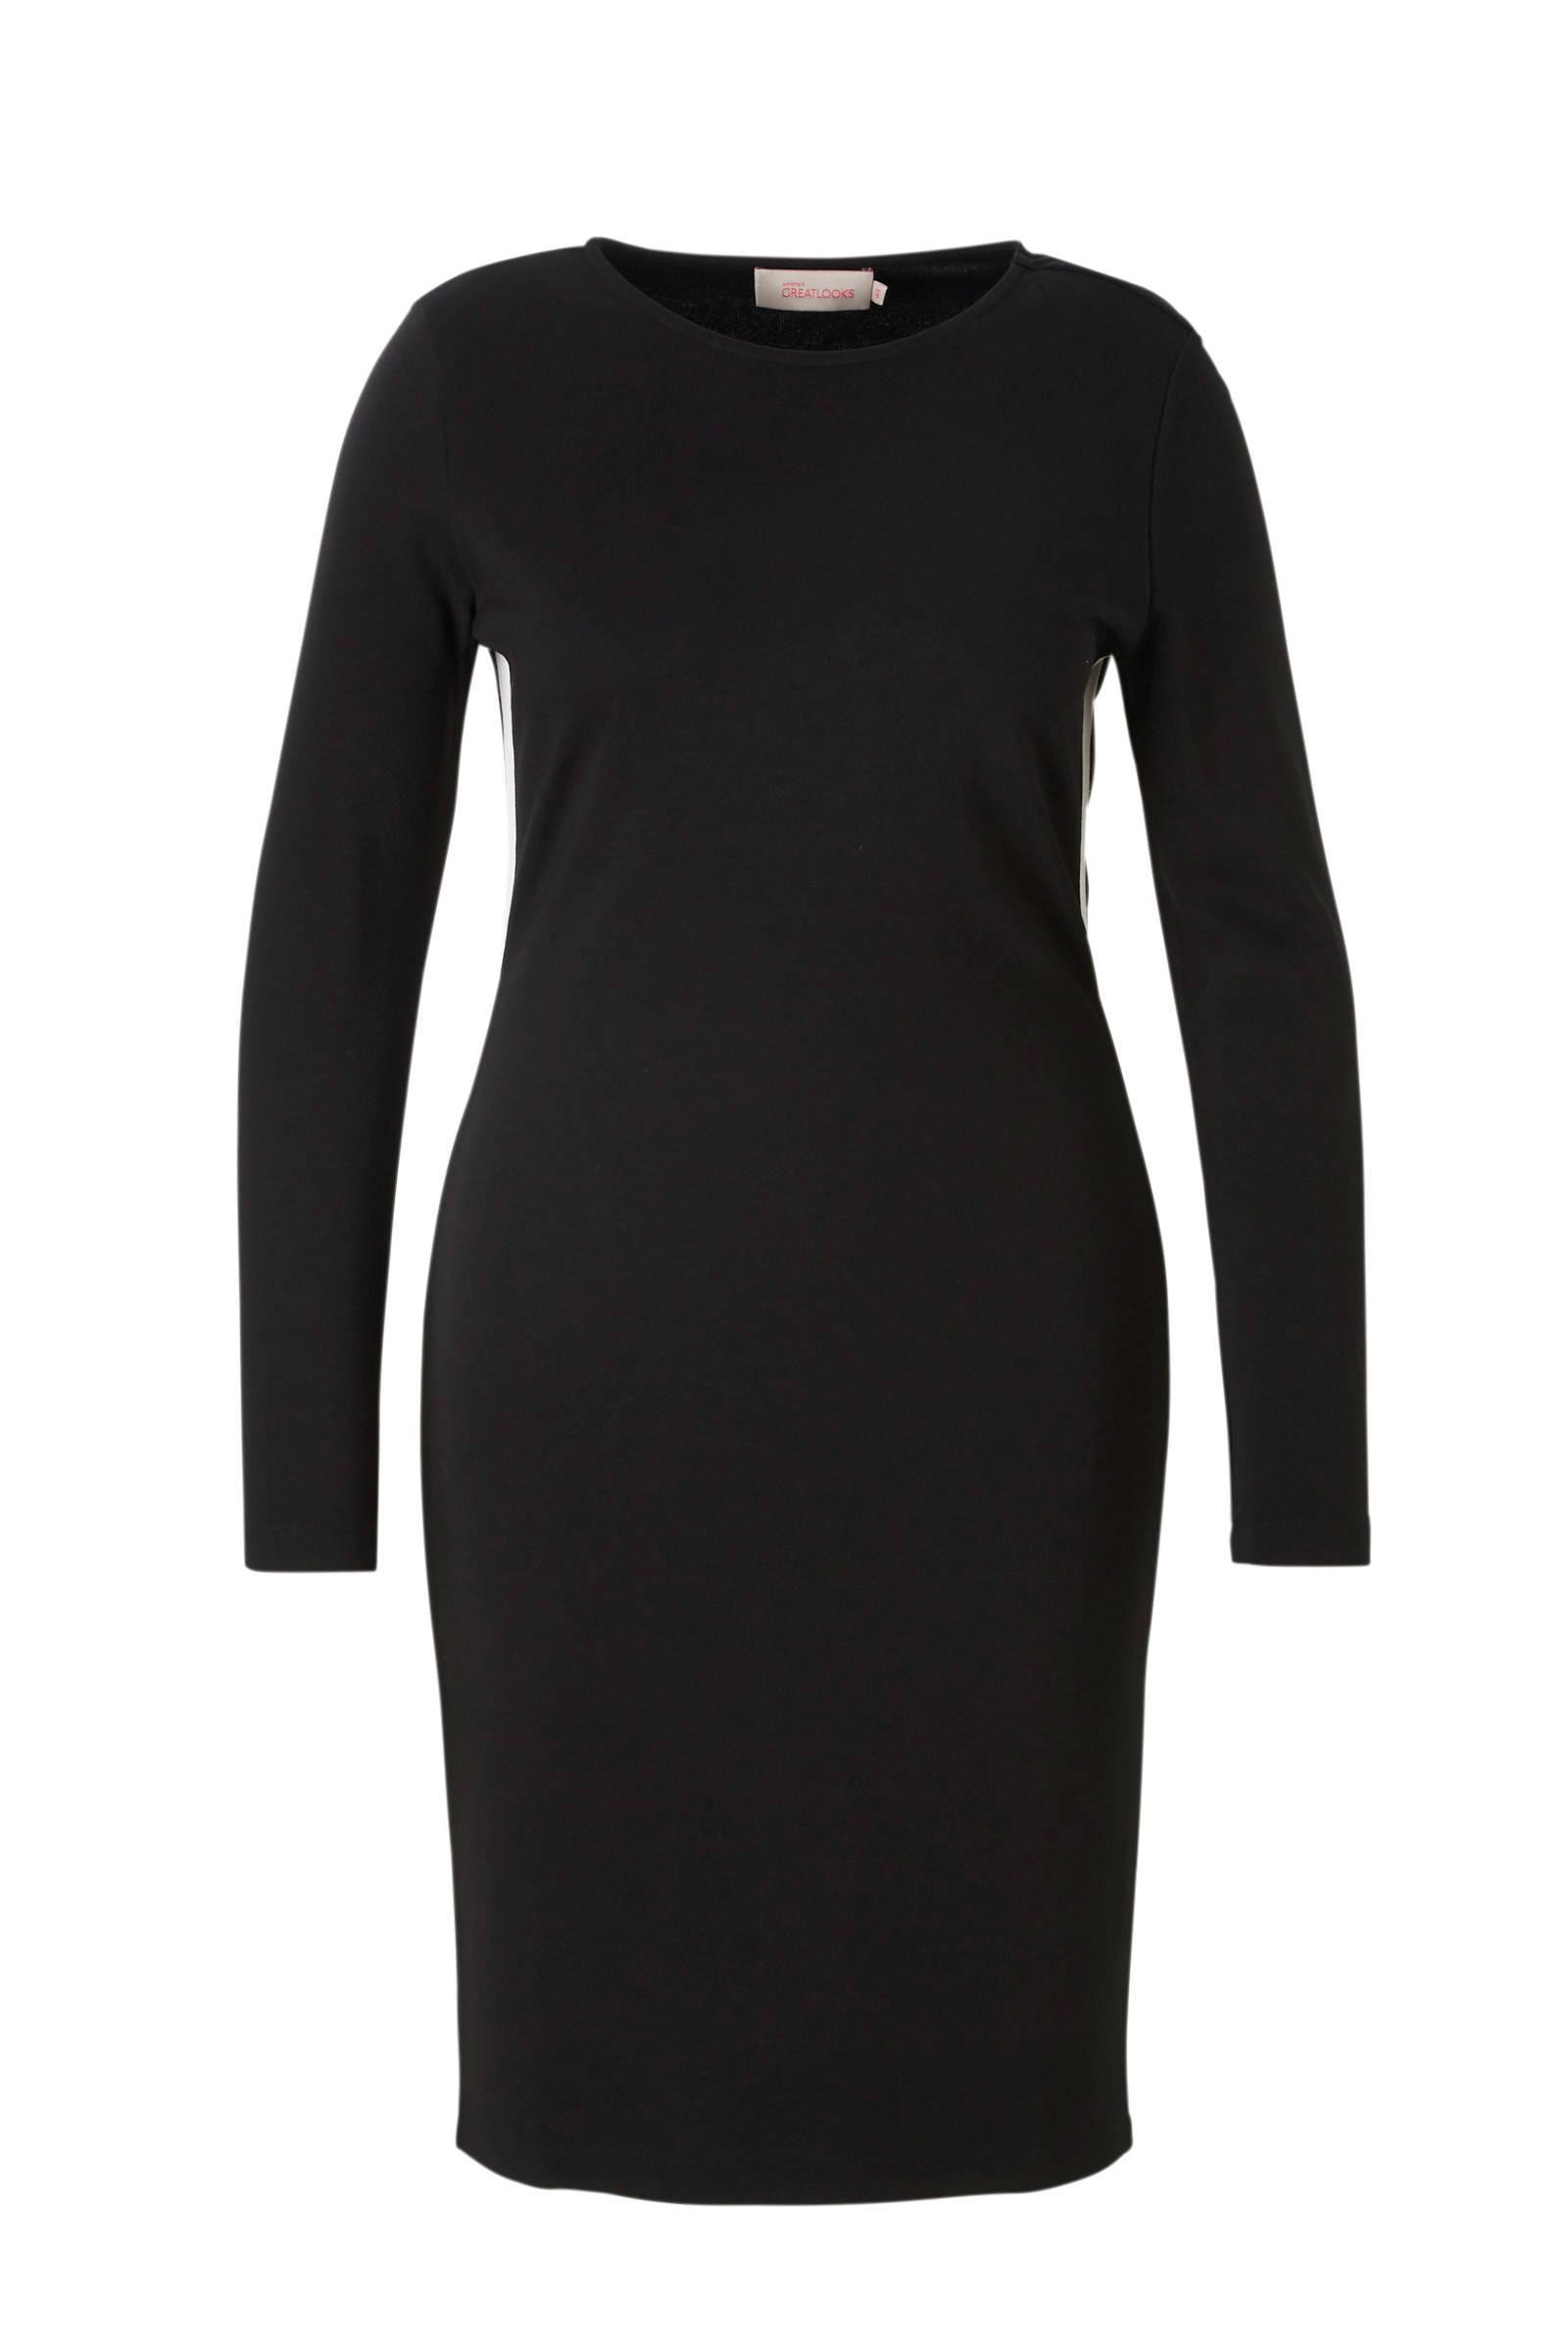 whkmp's great looks jurk met zijstrepen